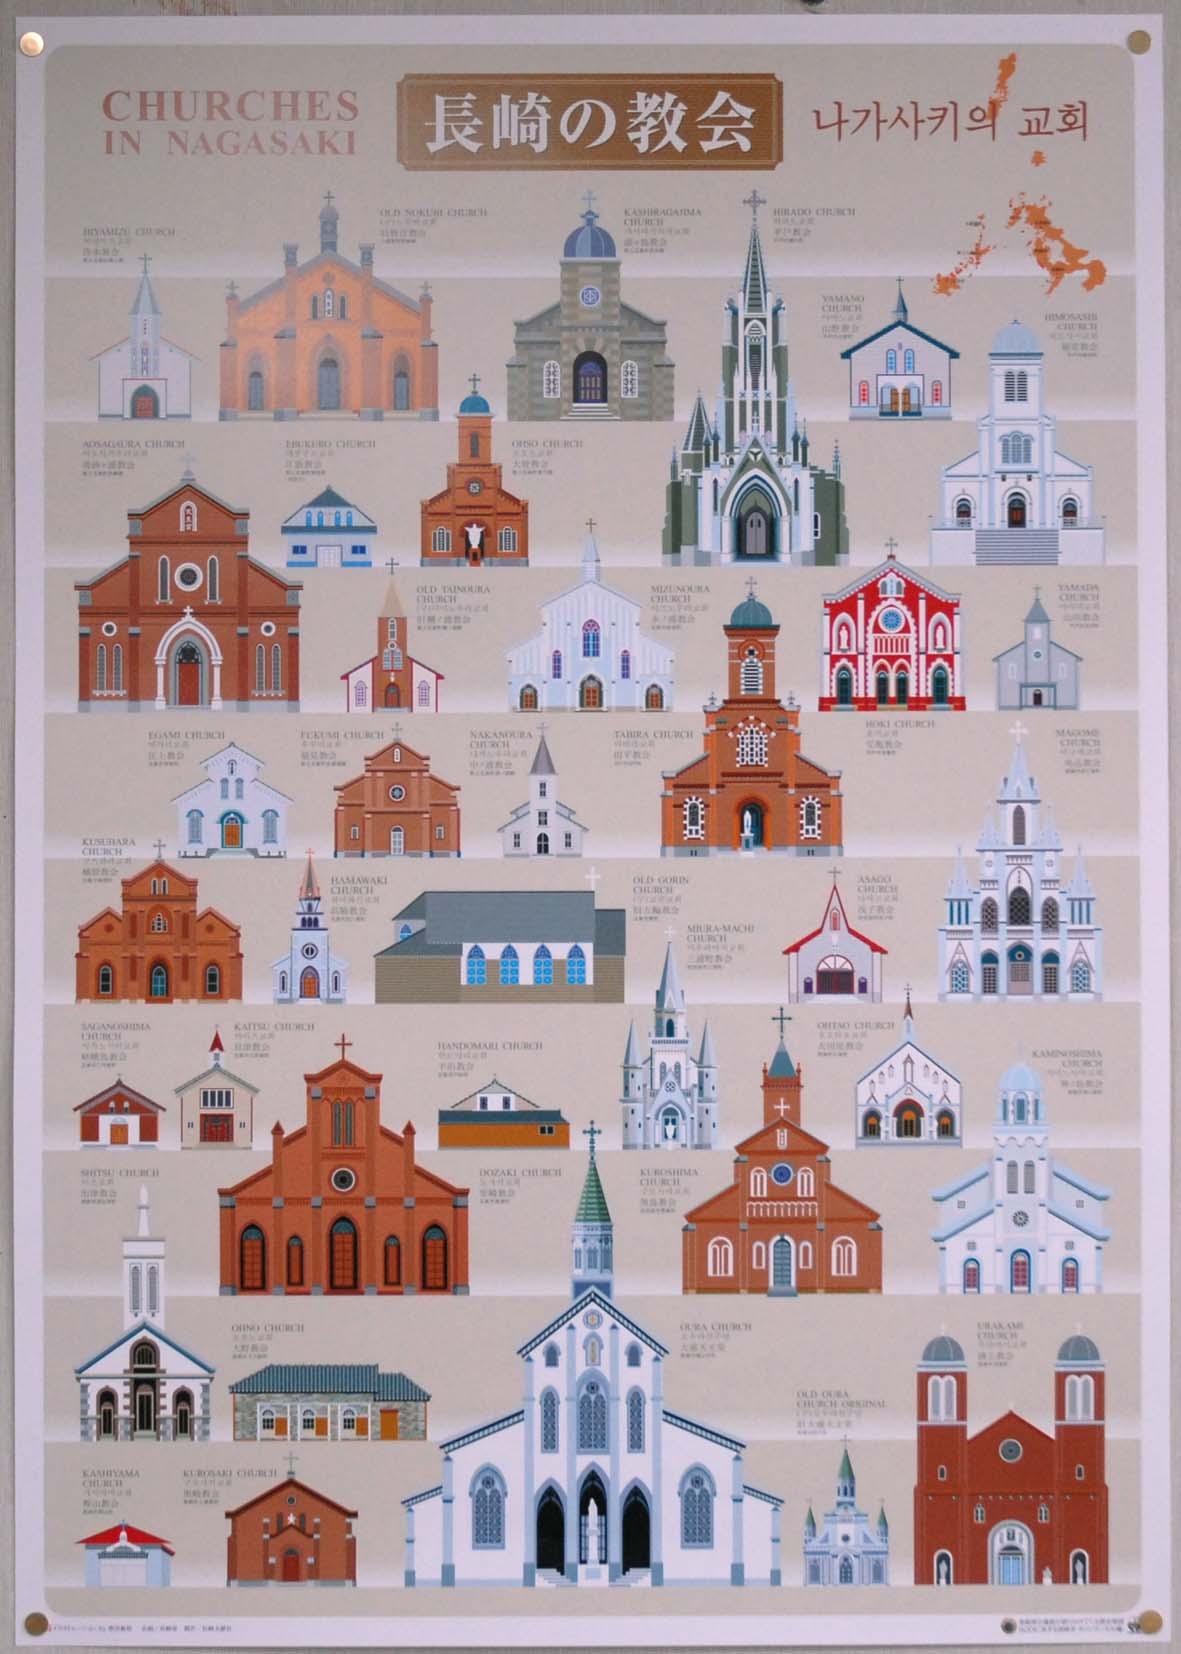 長崎の教会群とキリシタン関連遺産_c0052876_18262262.jpg